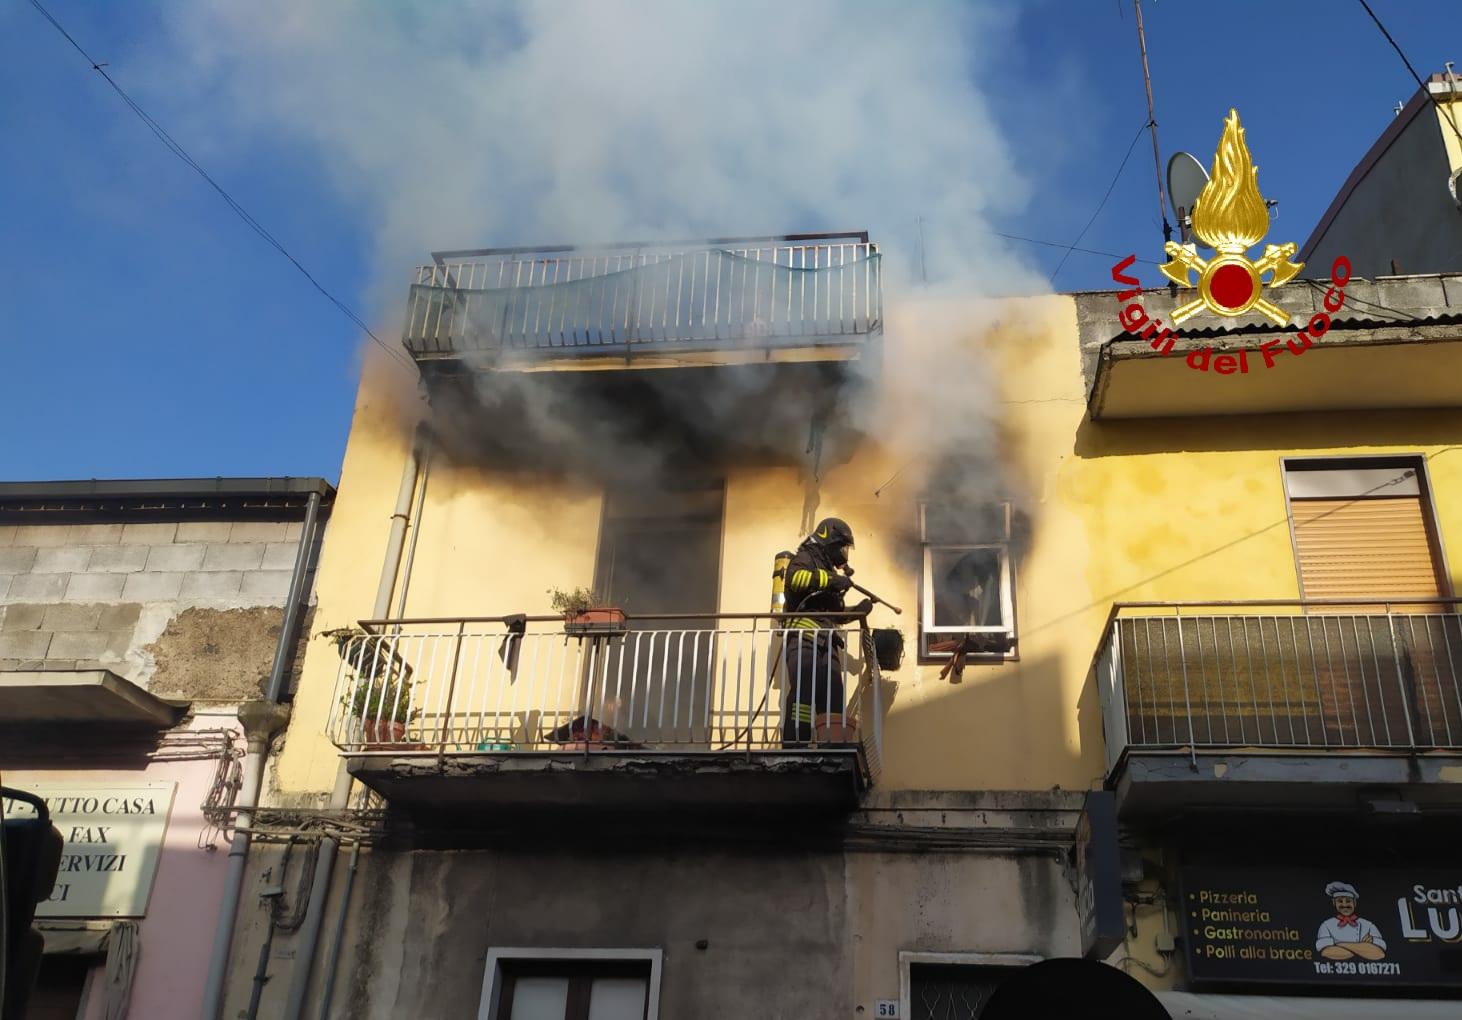 Incendio in un'abitazione a Belpasso: condomini intossicati dal fumo